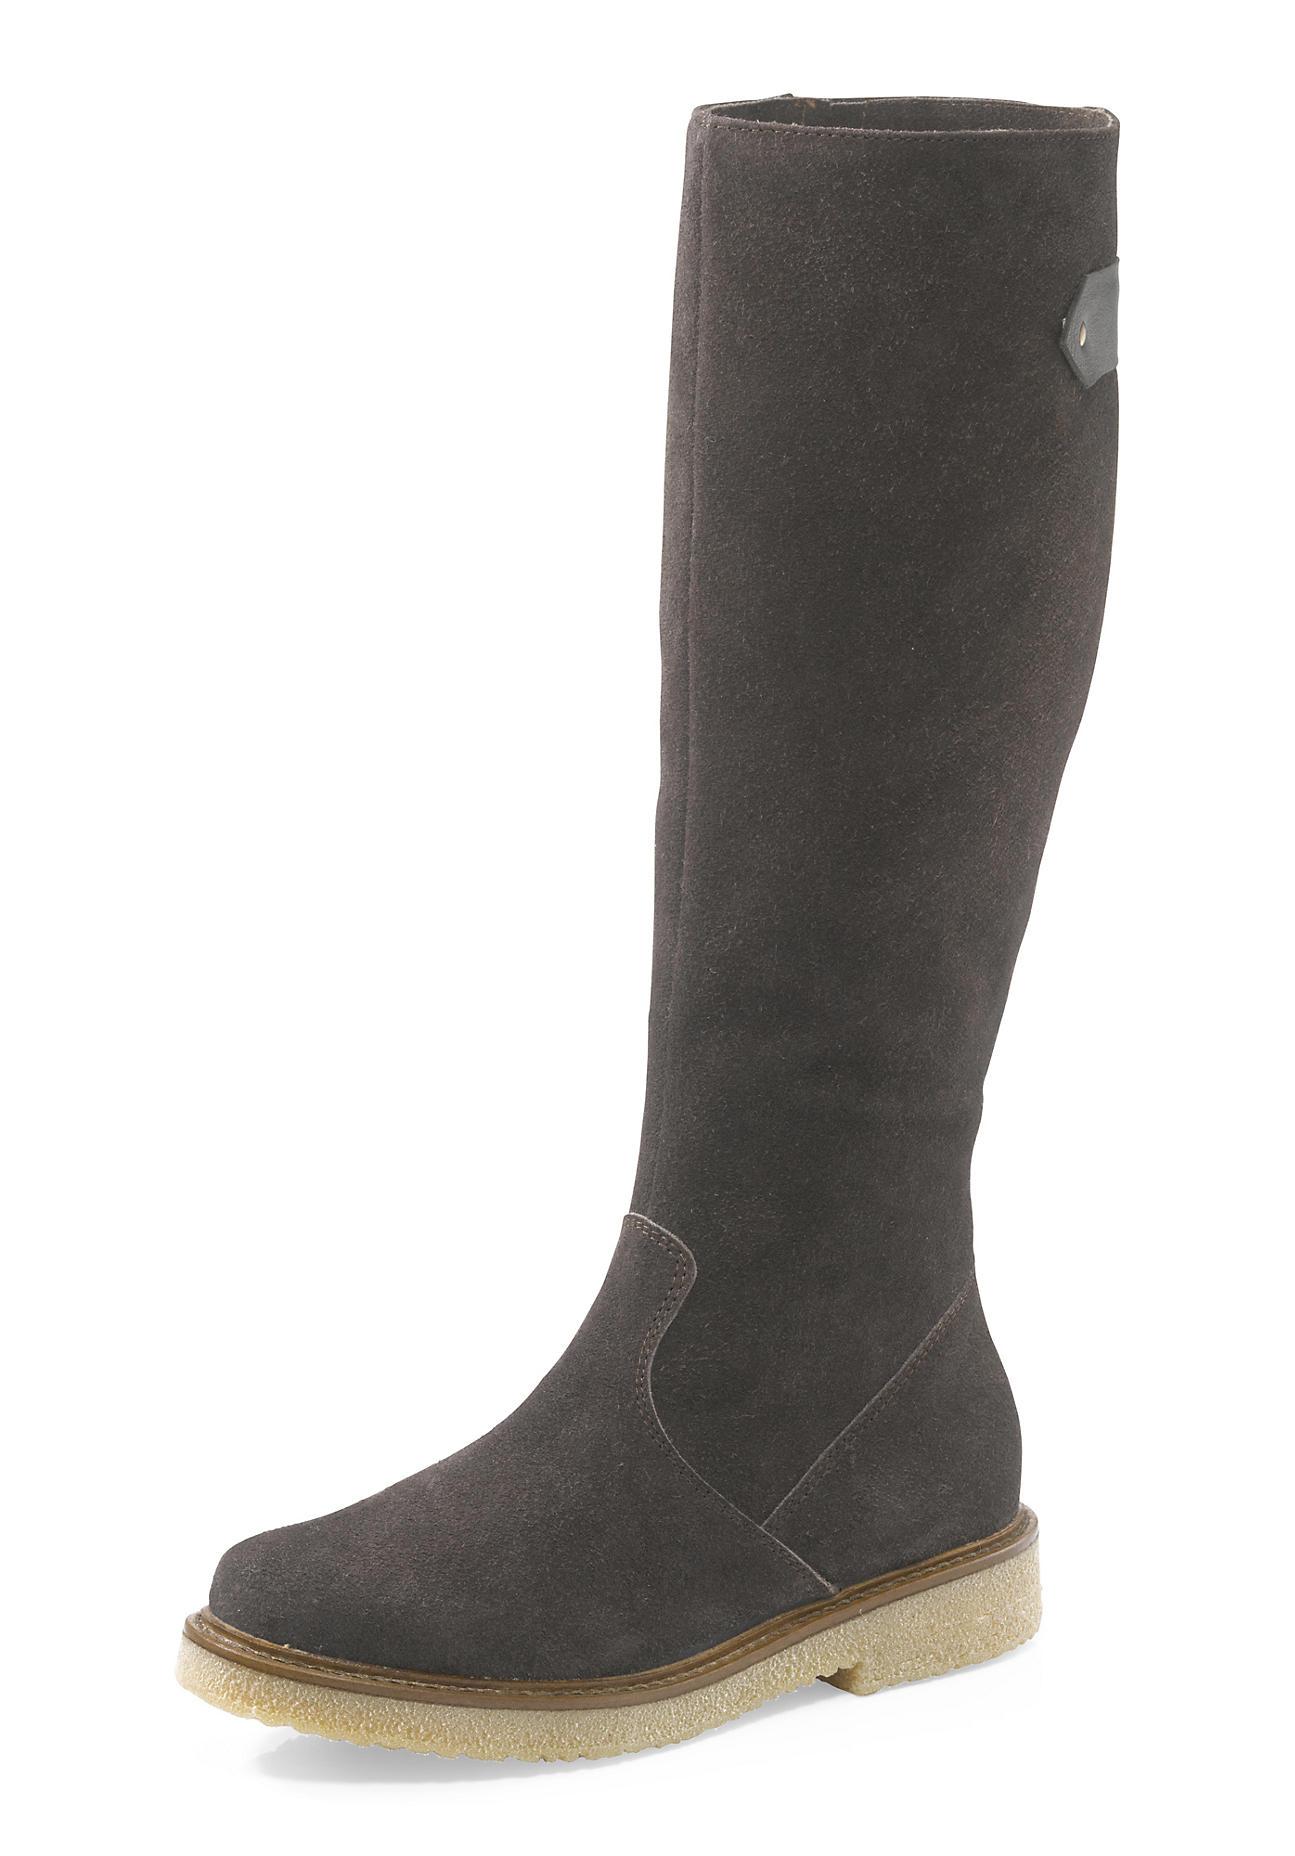 Stiefel - hessnatur Damen Damen Langschaft Stiefel aus Veloursleder – braun –  - Onlineshop Hessnatur